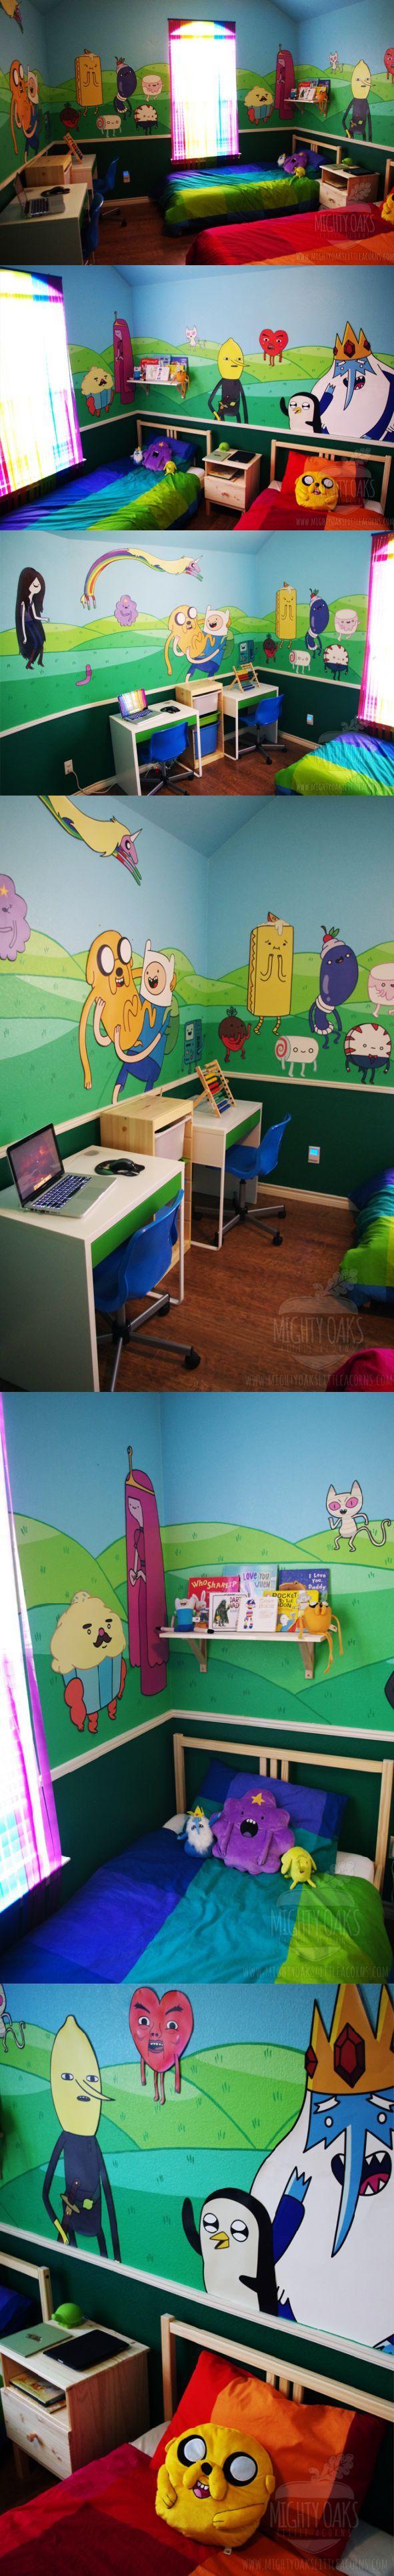 Quiero una habitación así!!!